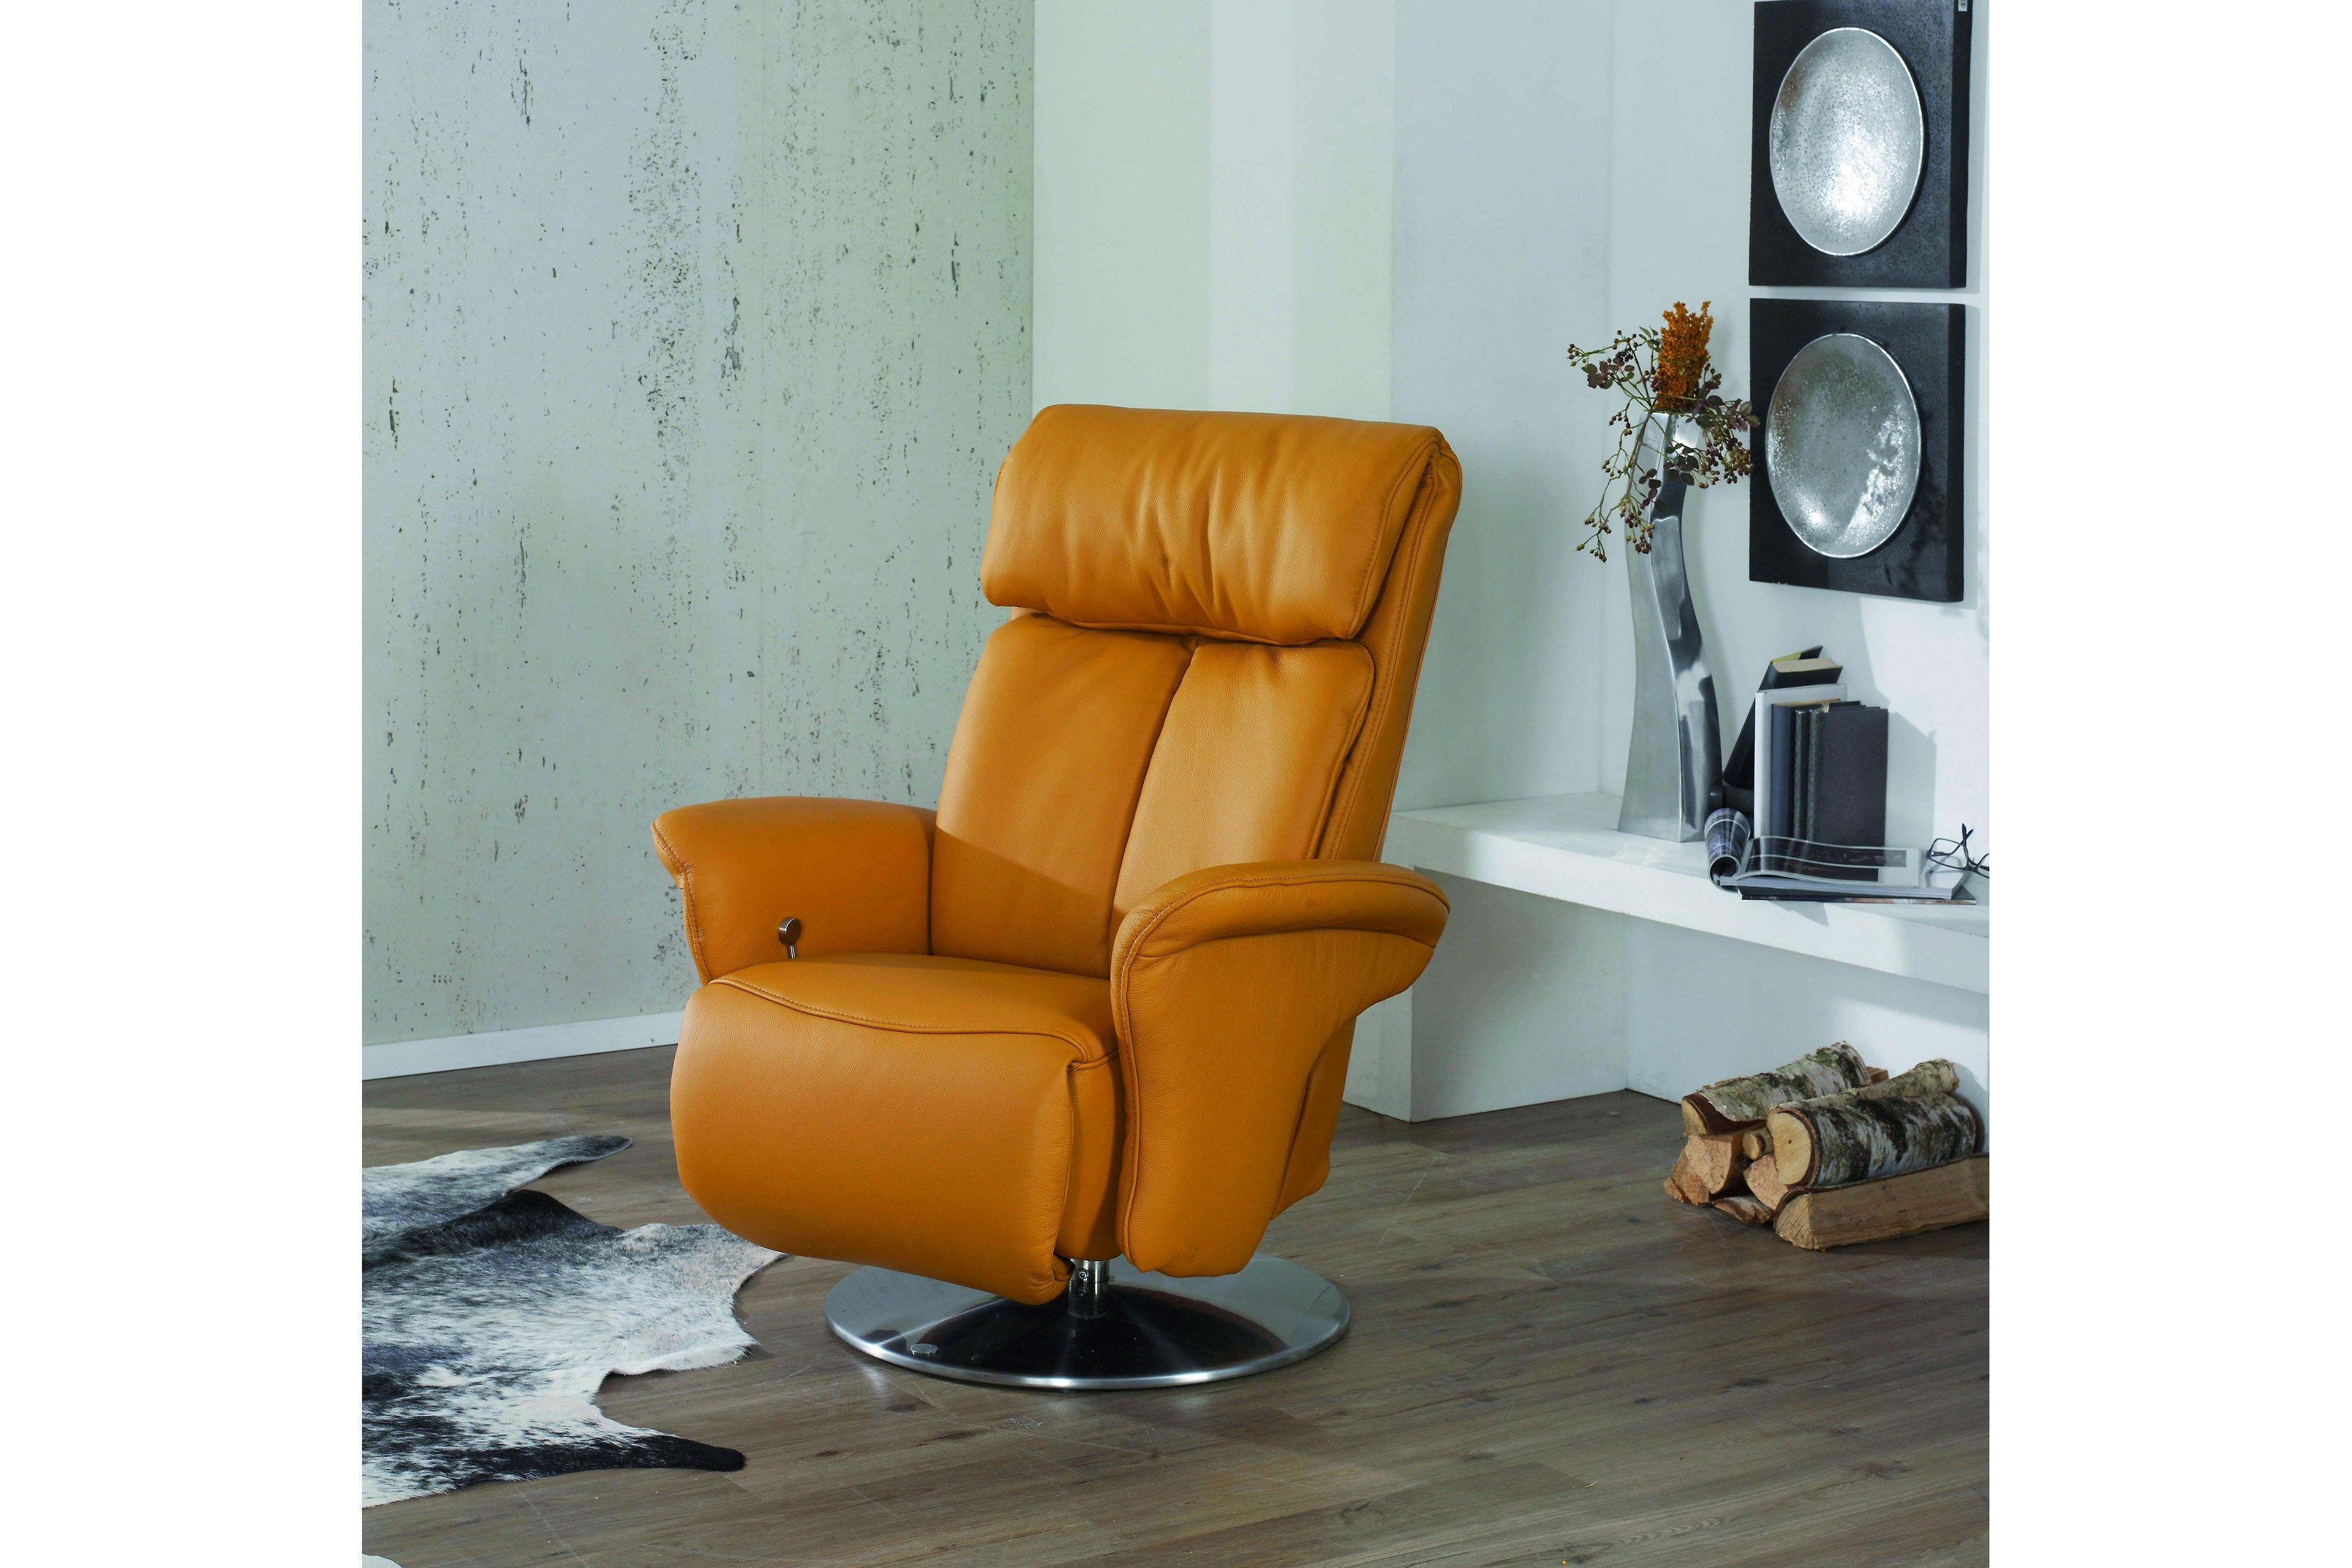 himolla 7227 relaxsessel safran m bel letz ihr online shop. Black Bedroom Furniture Sets. Home Design Ideas